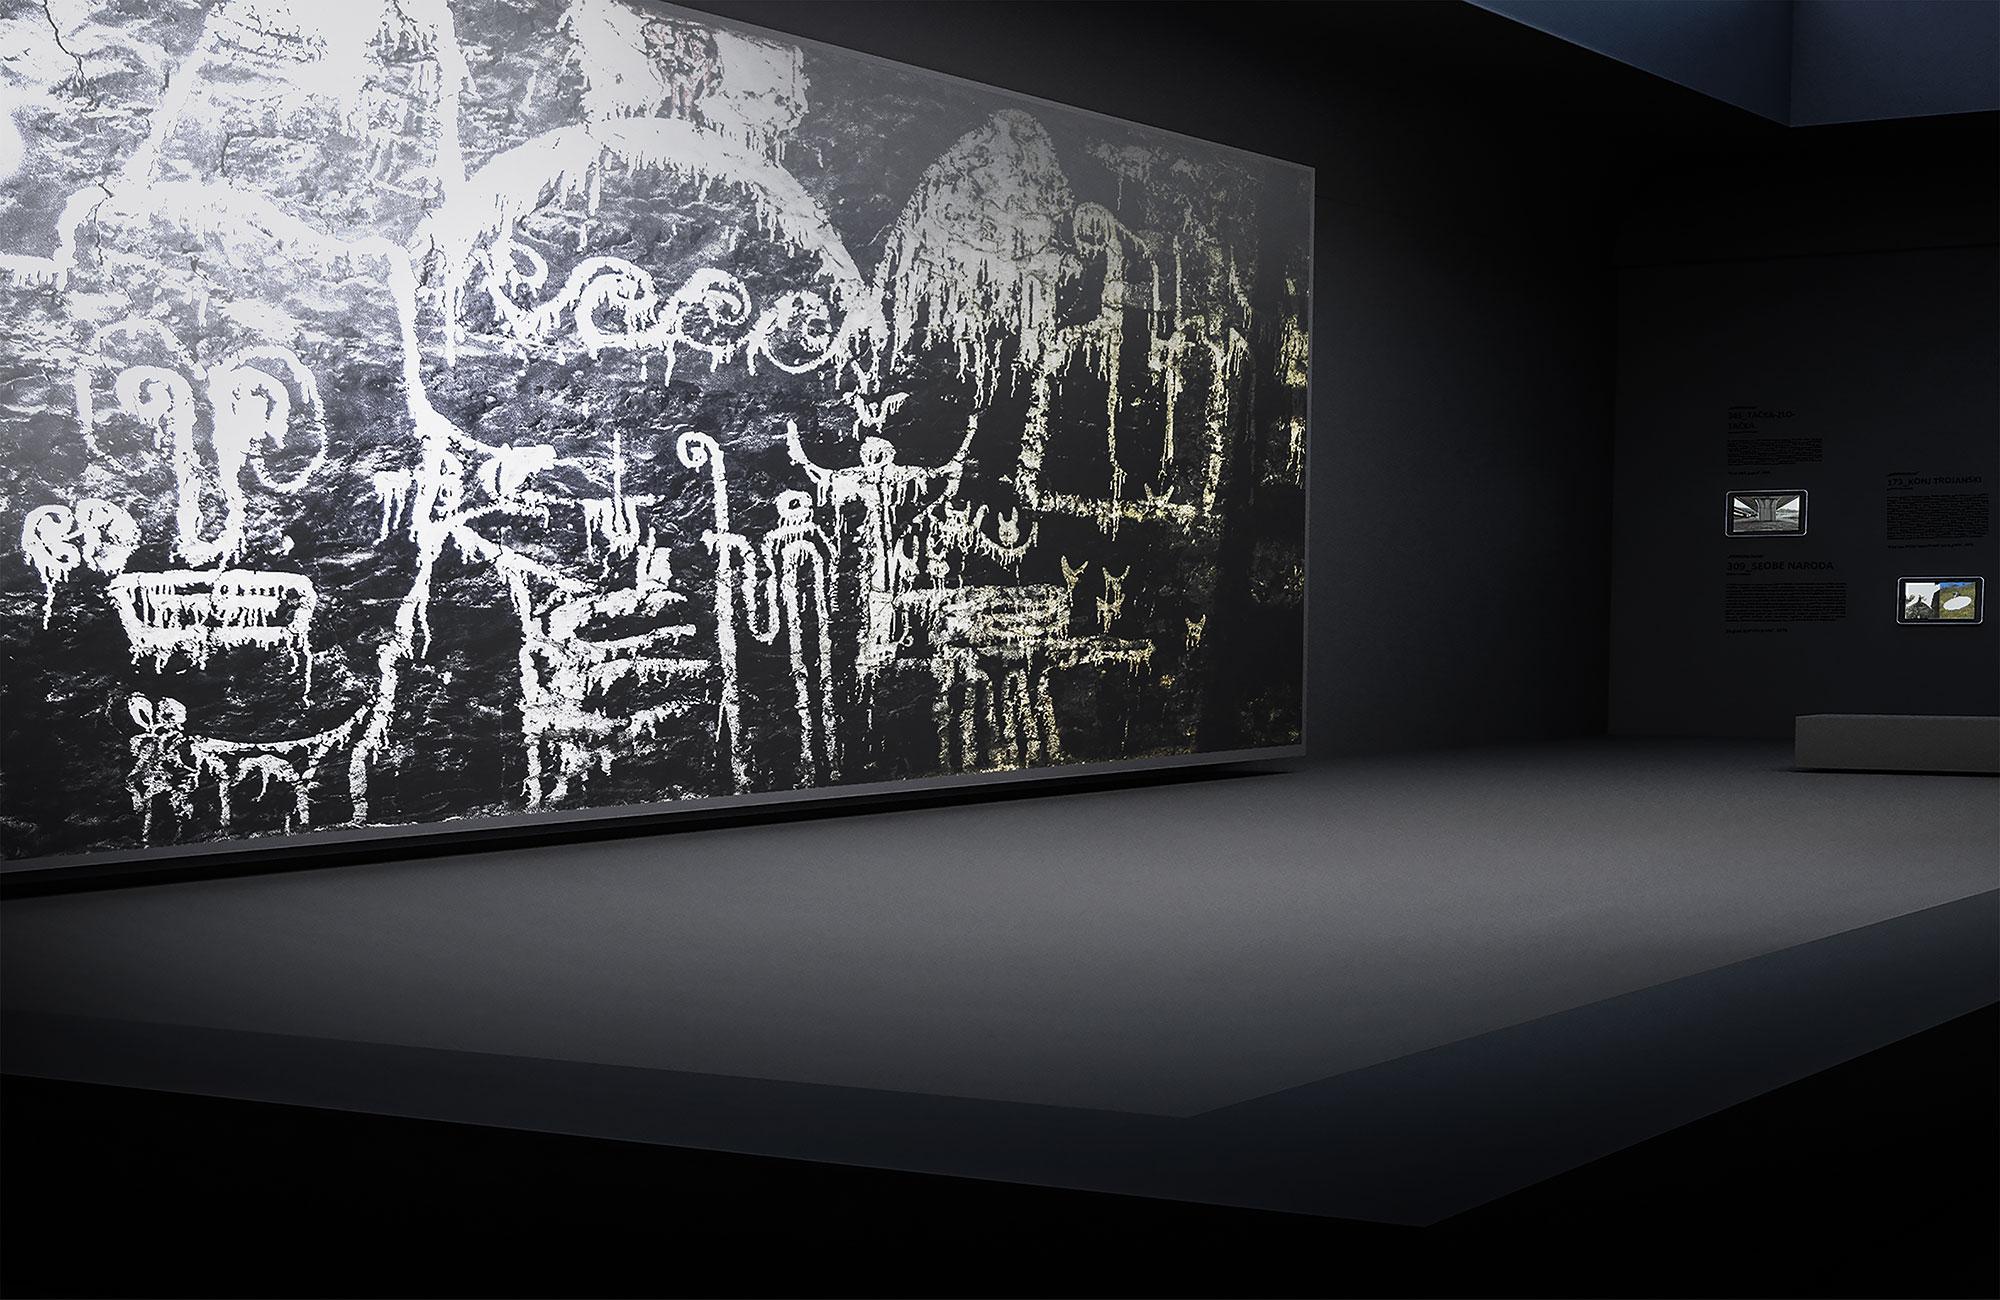 La-Biennale-di-Venezia-2018_Slobodna-skola-je-slobodan-prostor-Plakat-1